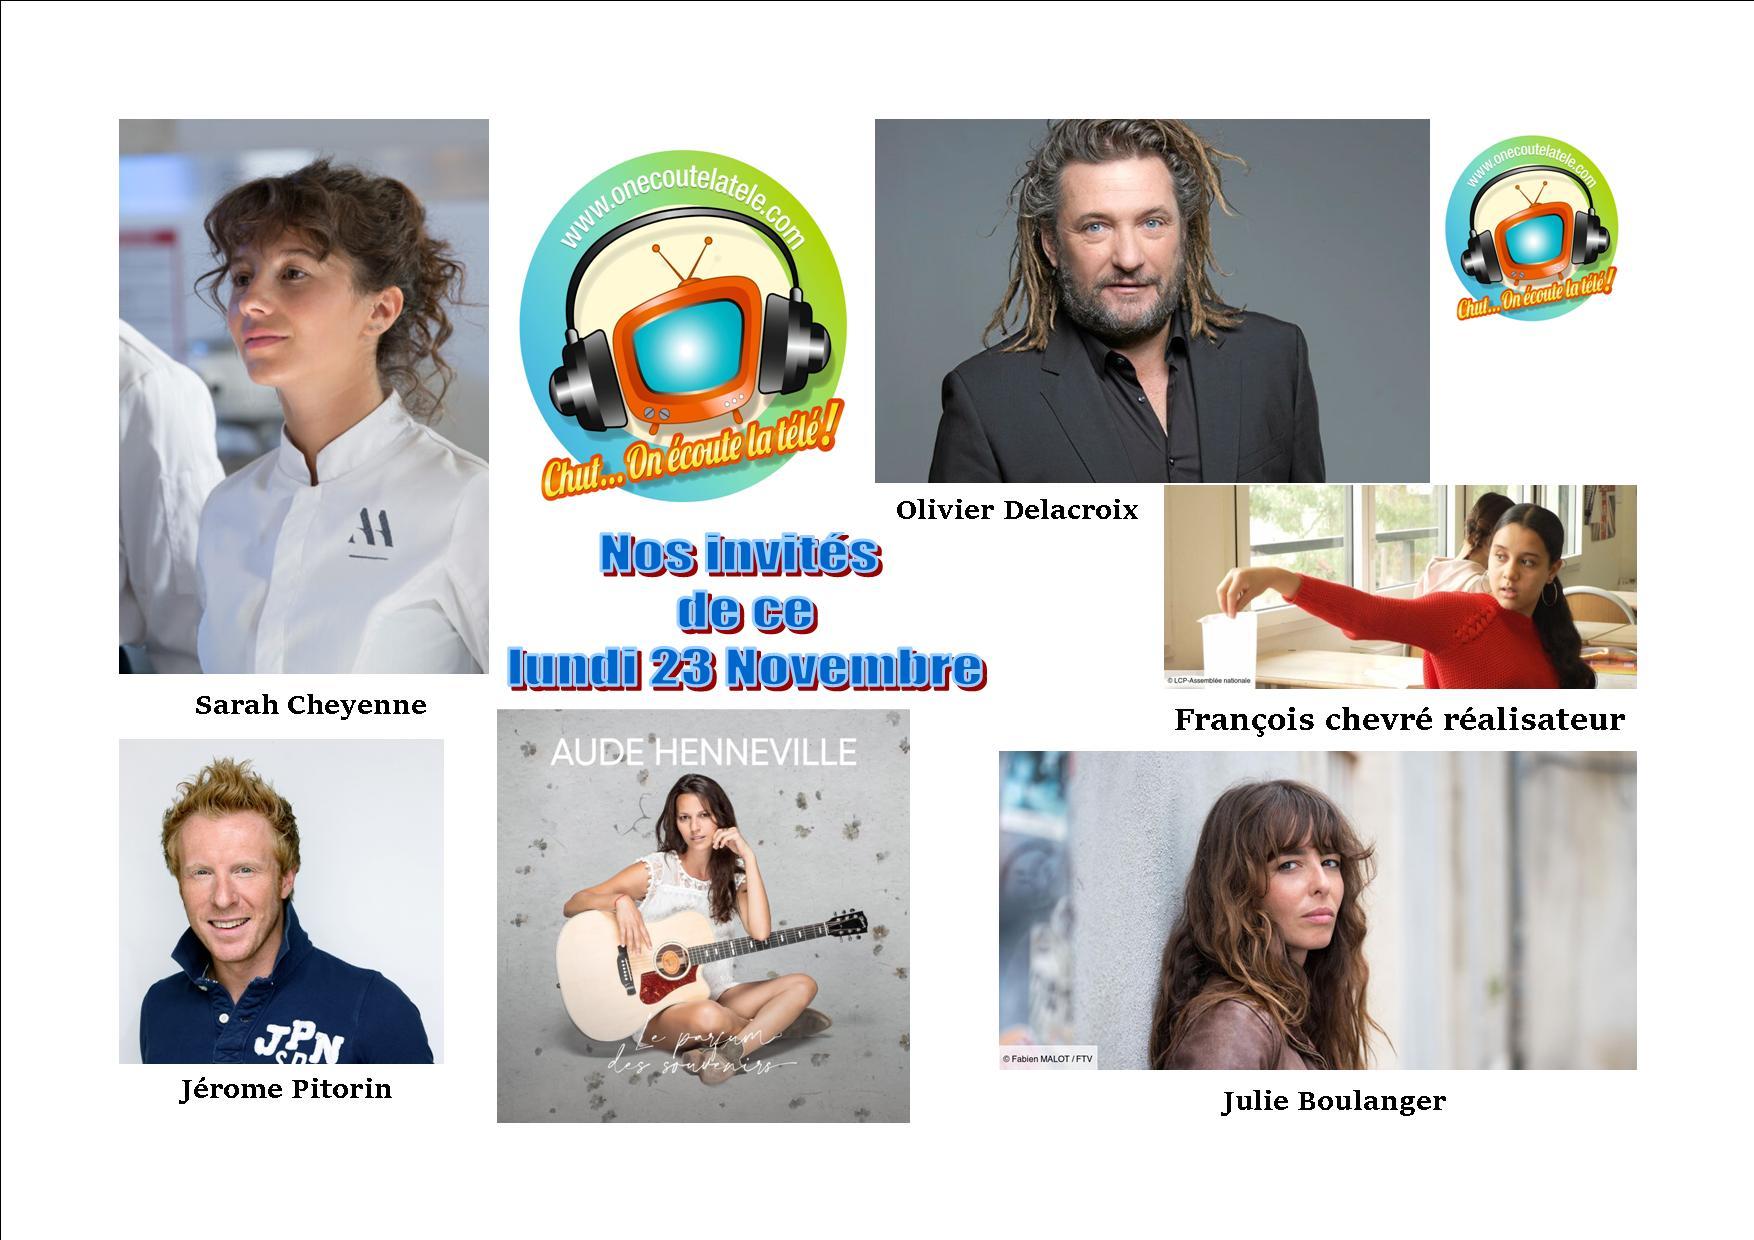 Aude Henneville, Julie Boulanger, Sarah Cheyenne, Olivier Delacroix et Jérome Pitorin lundi 23 novembre dans Chut on écoute la télé